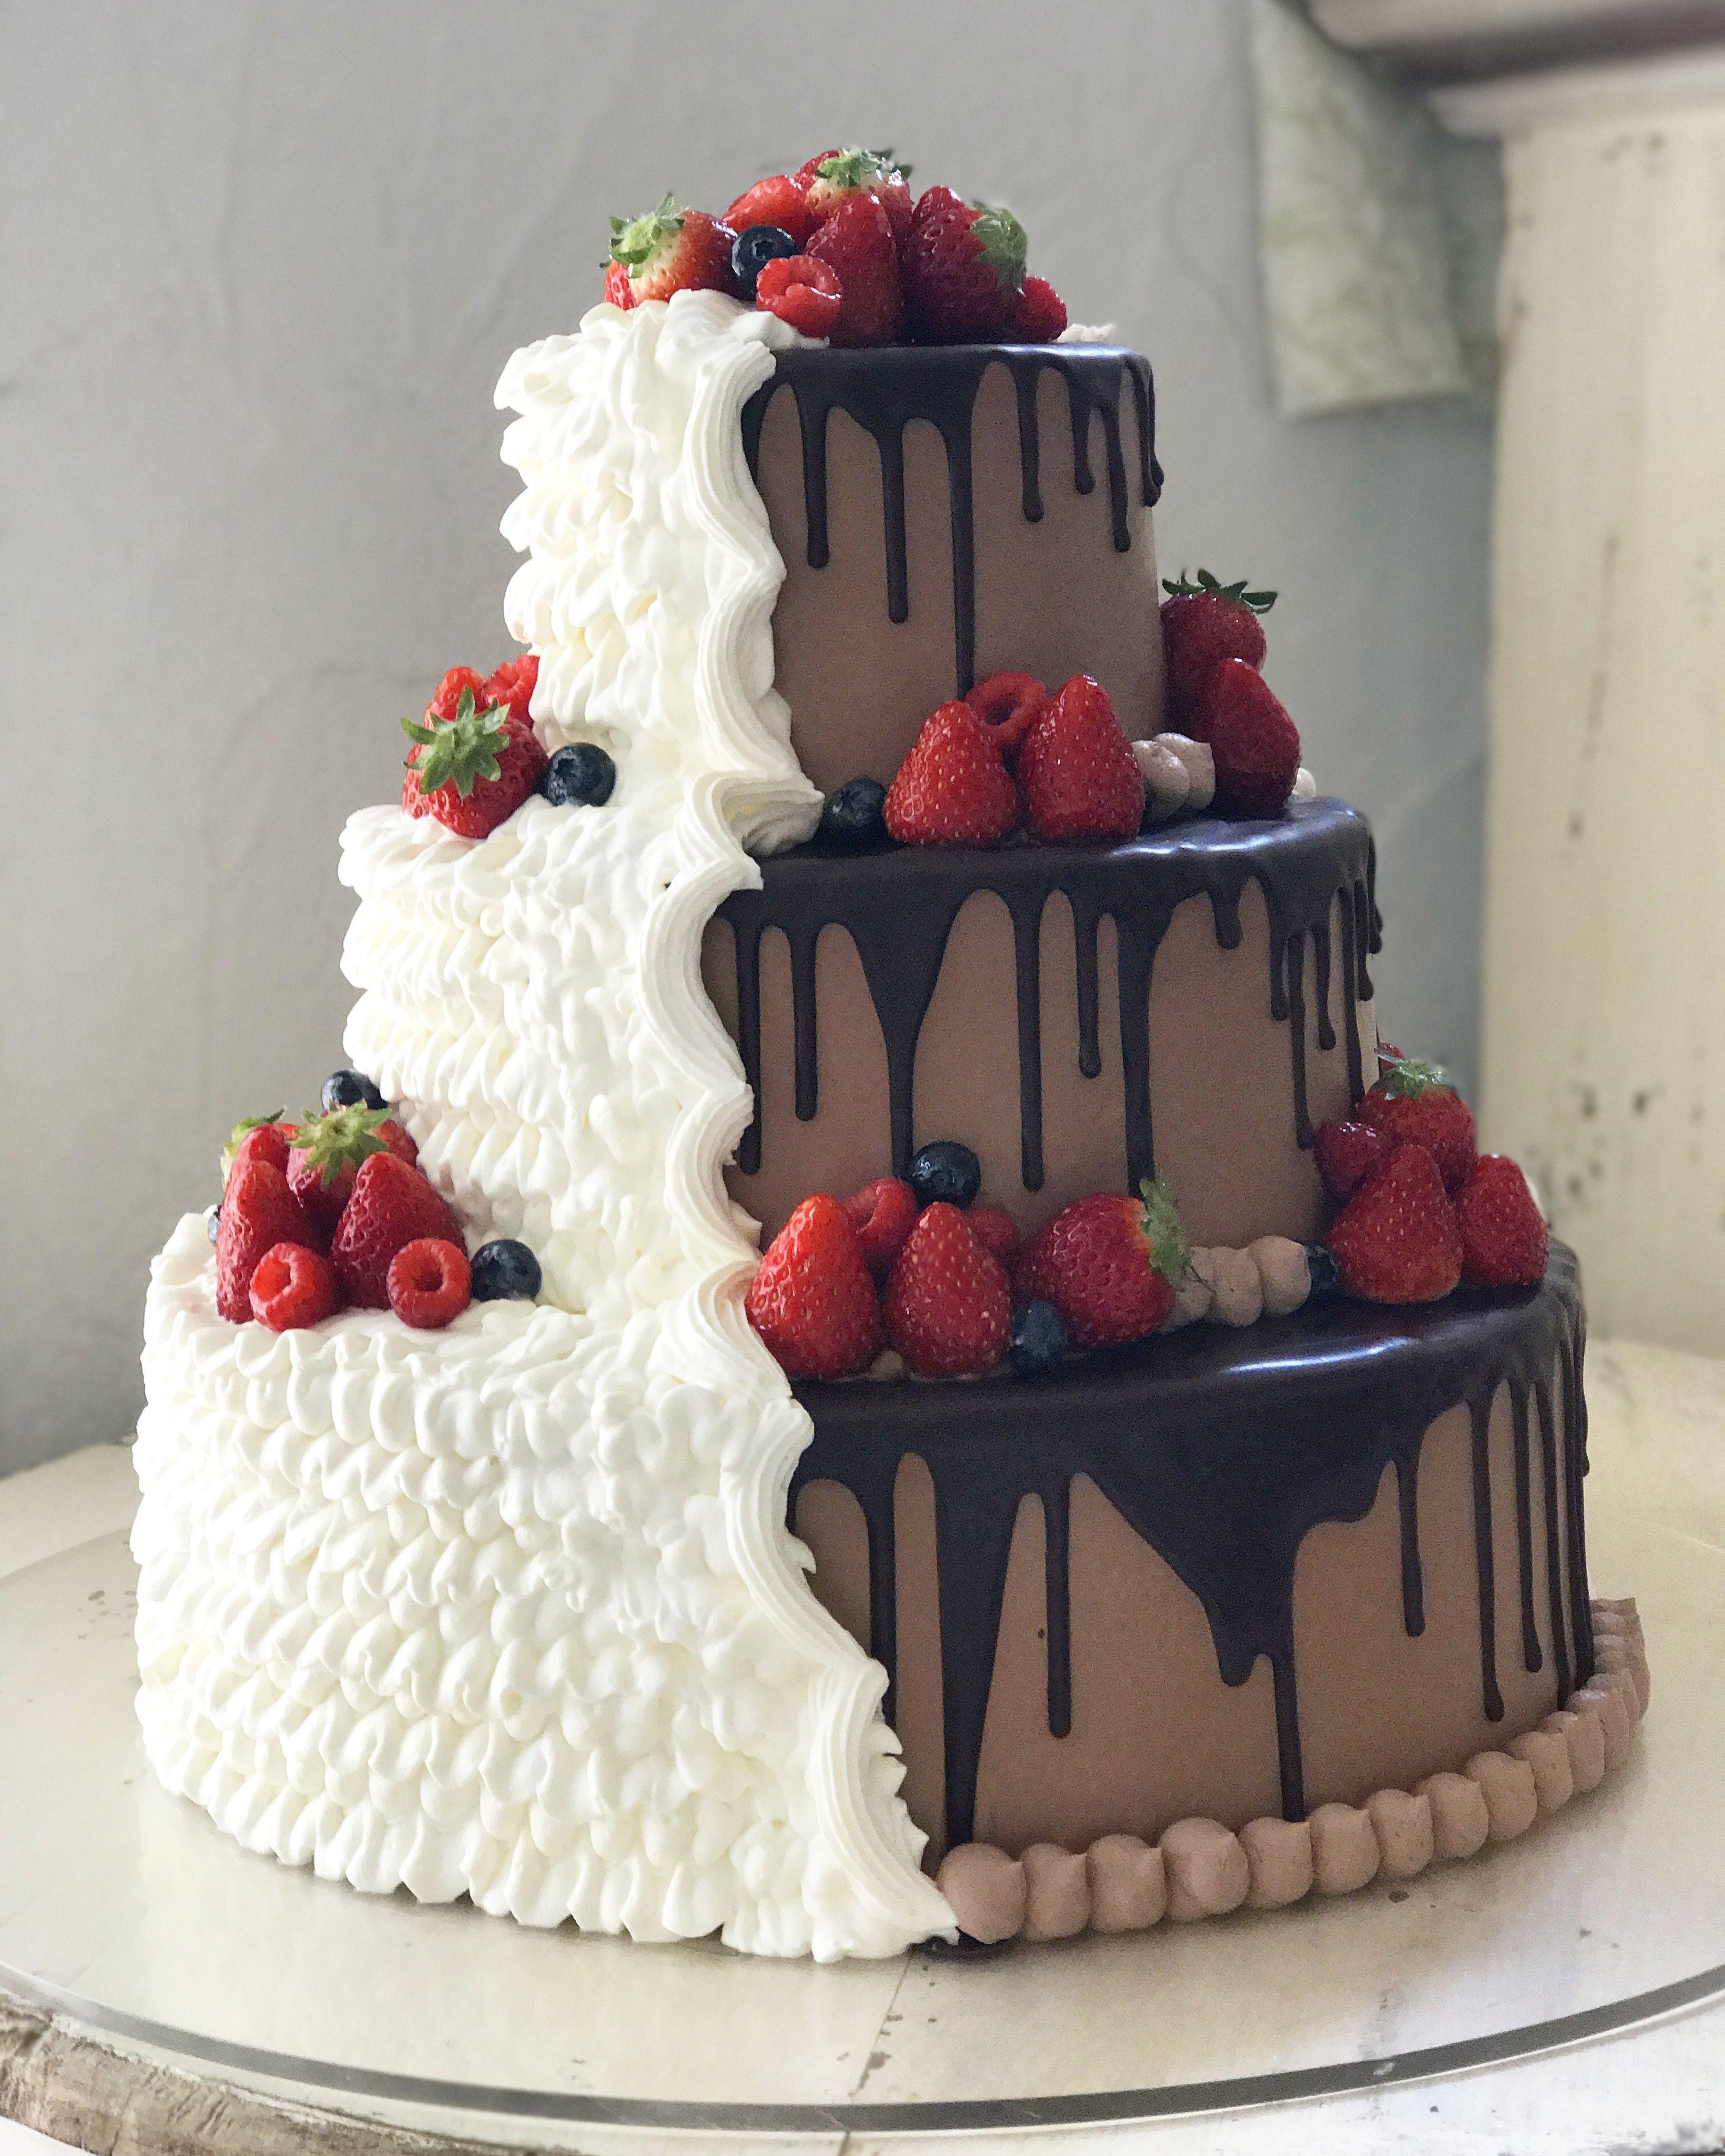 Si no puede elegir entre vainilla y chocolate para su boda, simplemente tome bo …